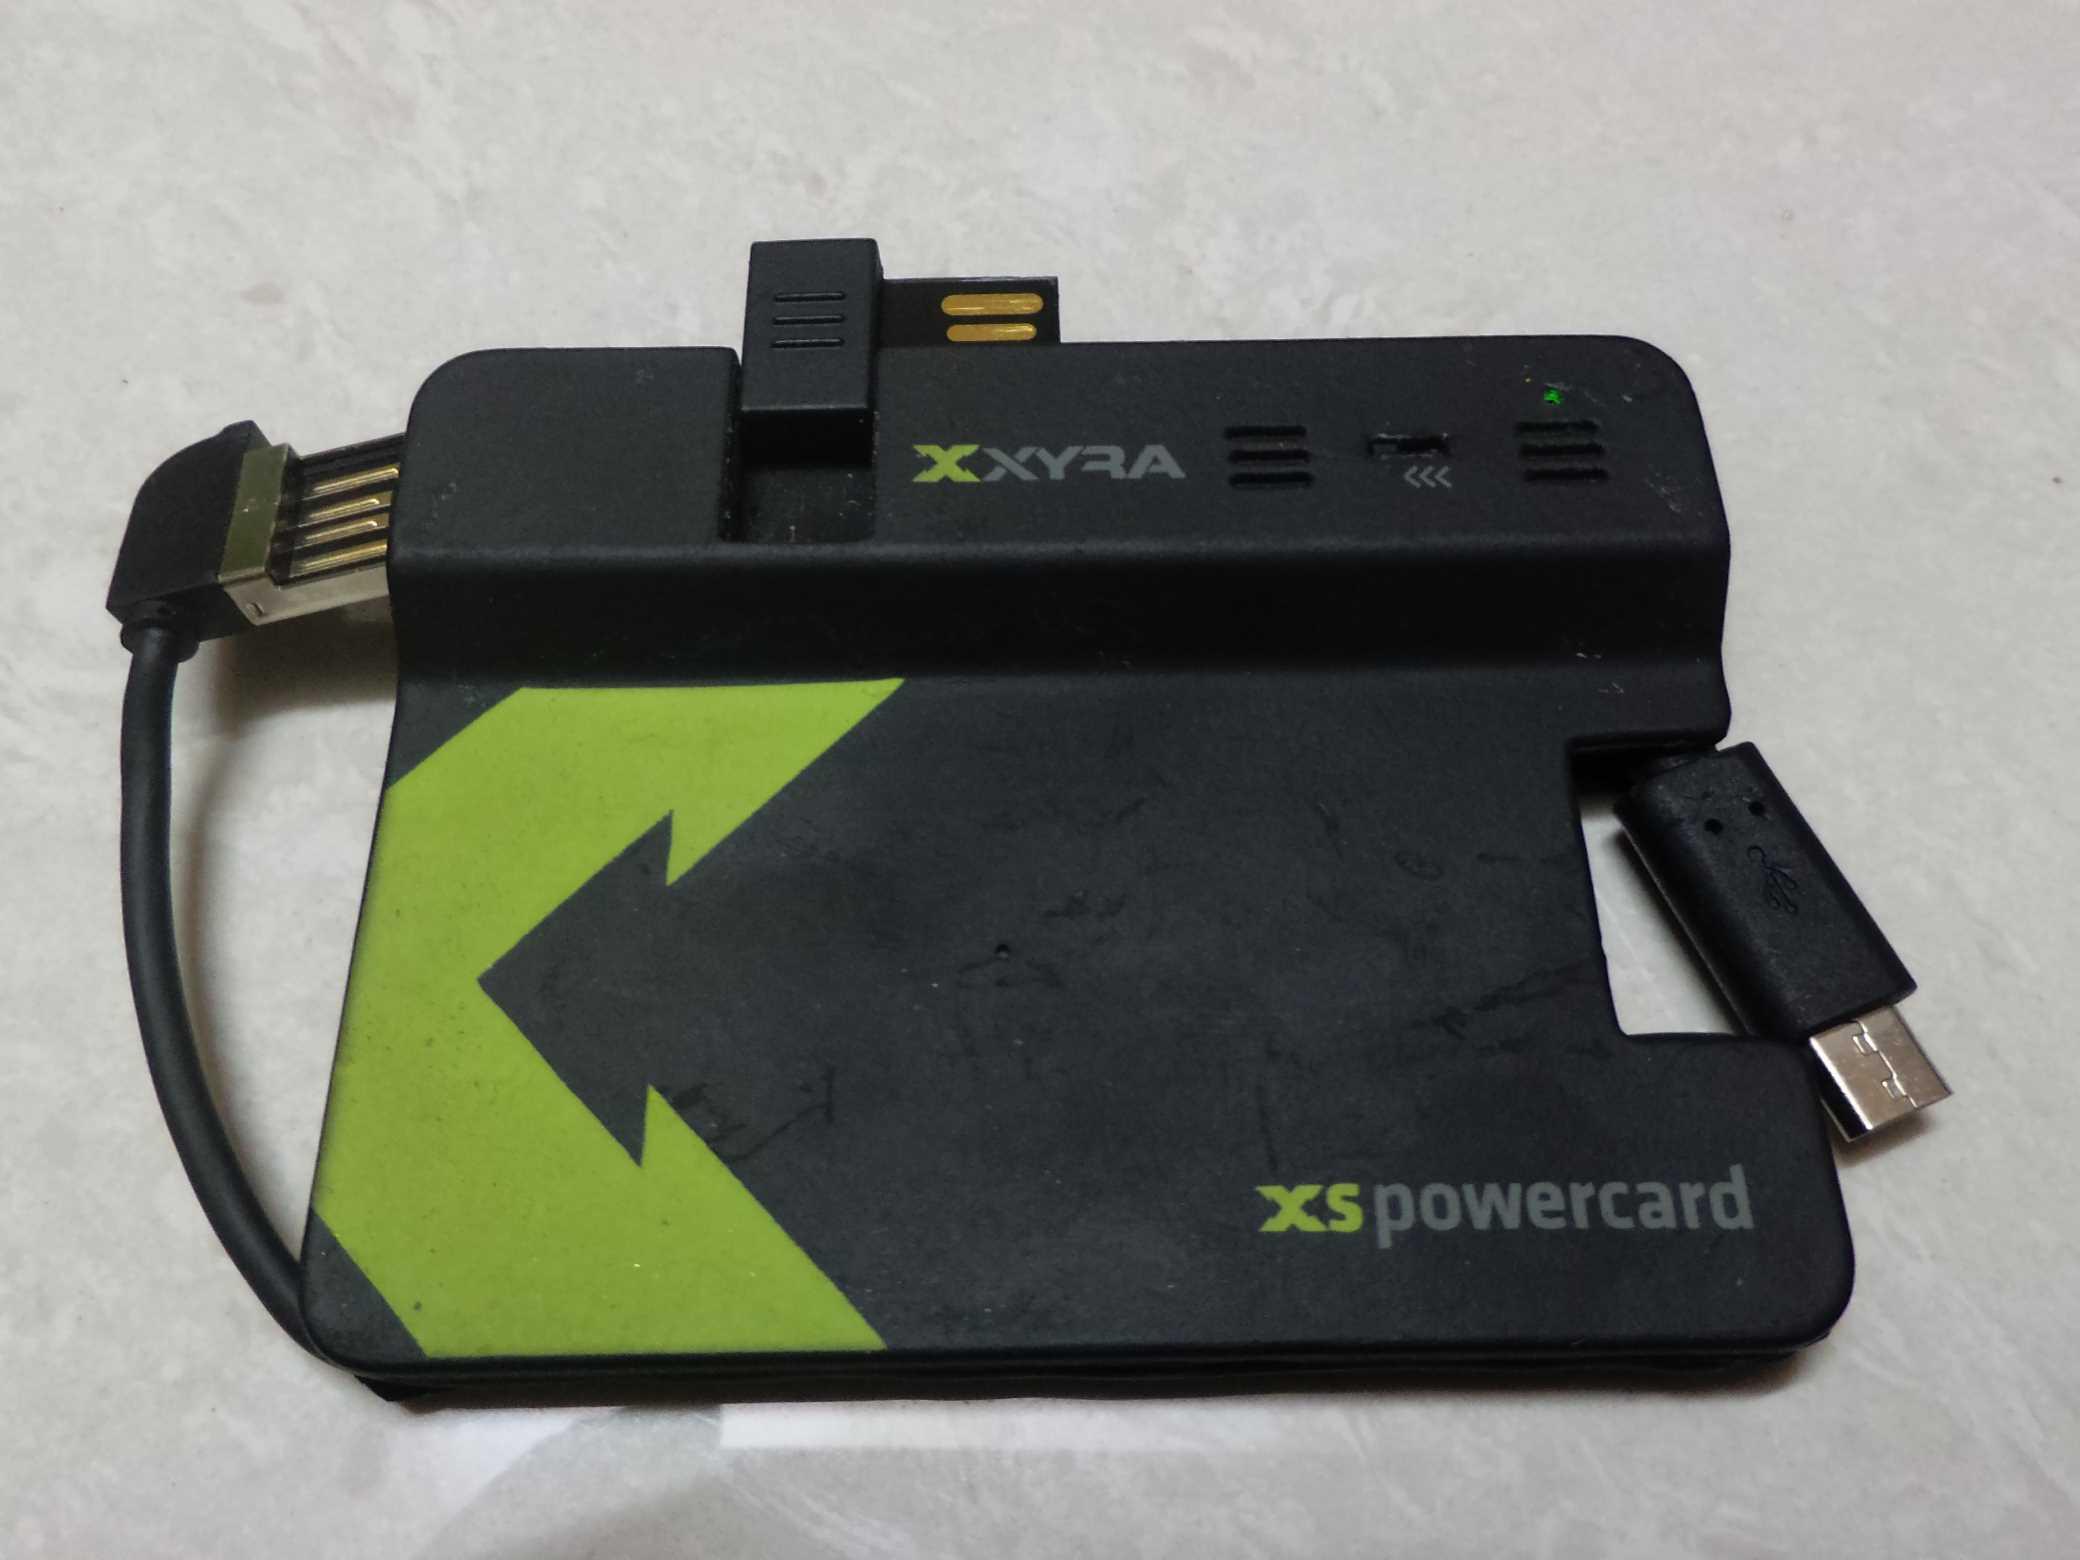 XYRA XS PowerCard review